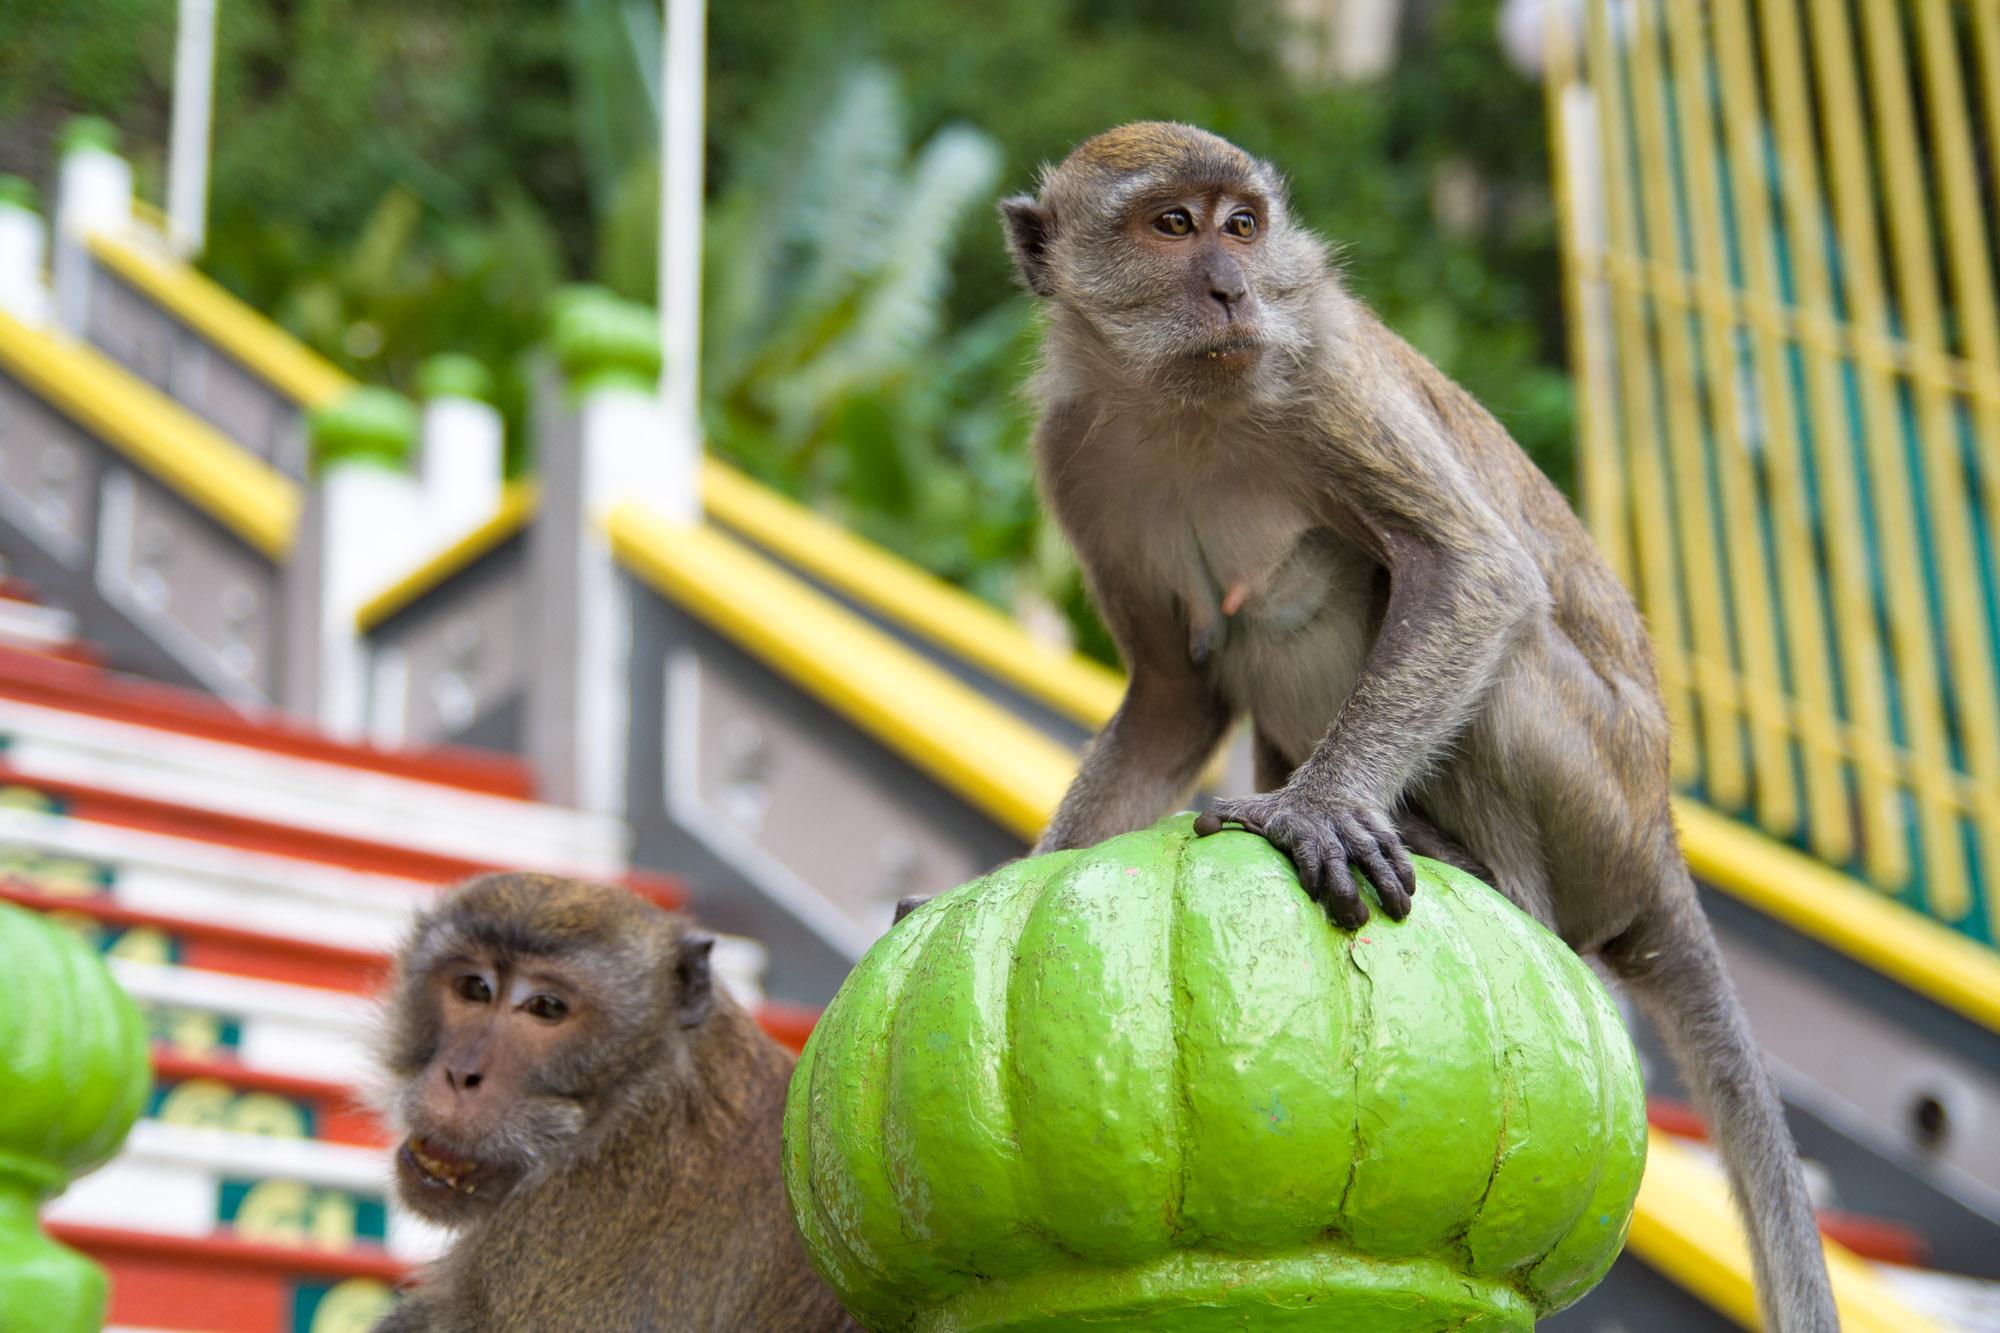 Macacos, habitantes de las cuevas